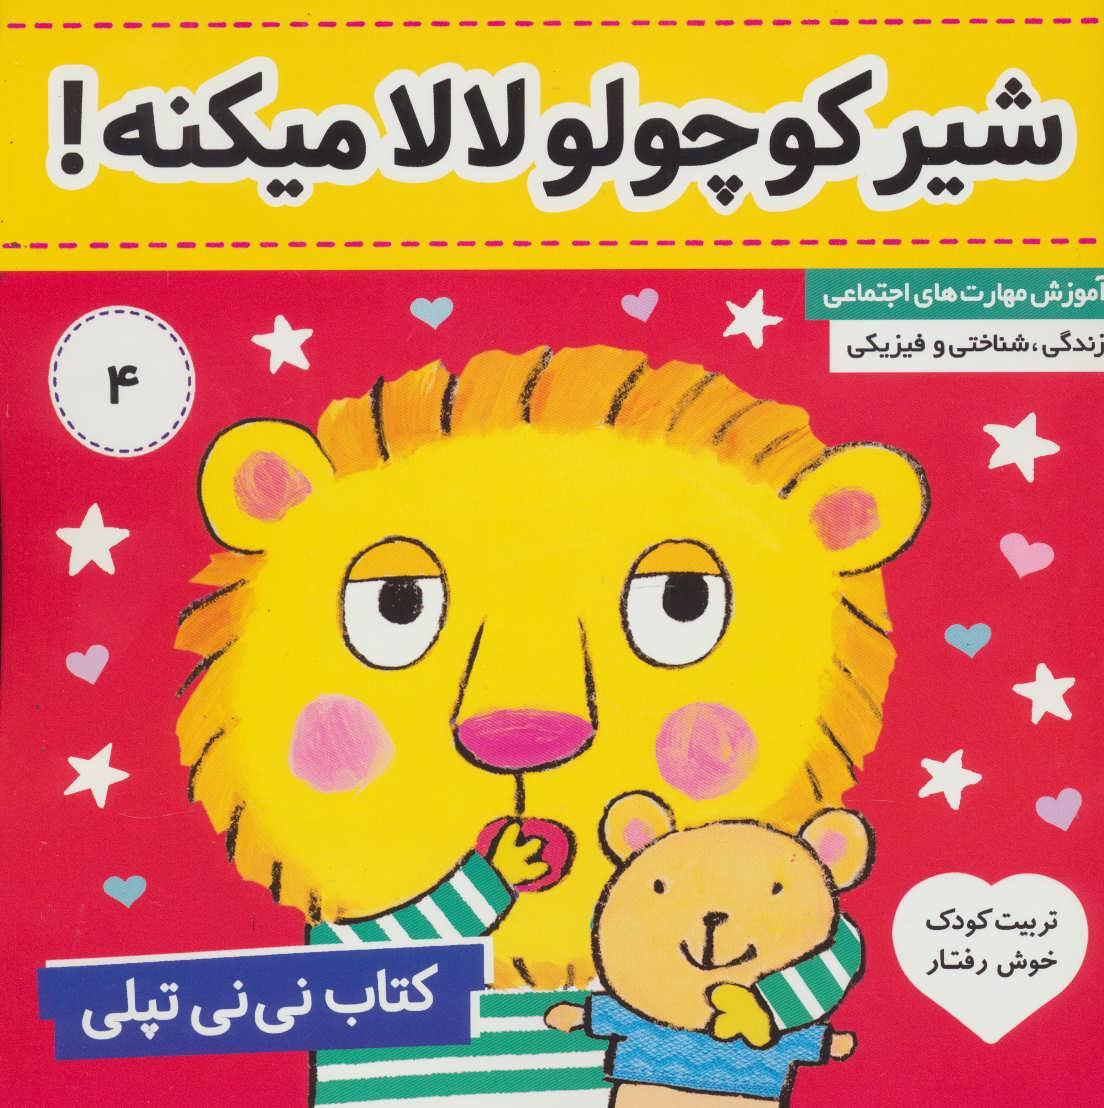 کتاب نی نی تپلی 4 (شیر کوچولو لالا میکنه!)،(گلاسه)